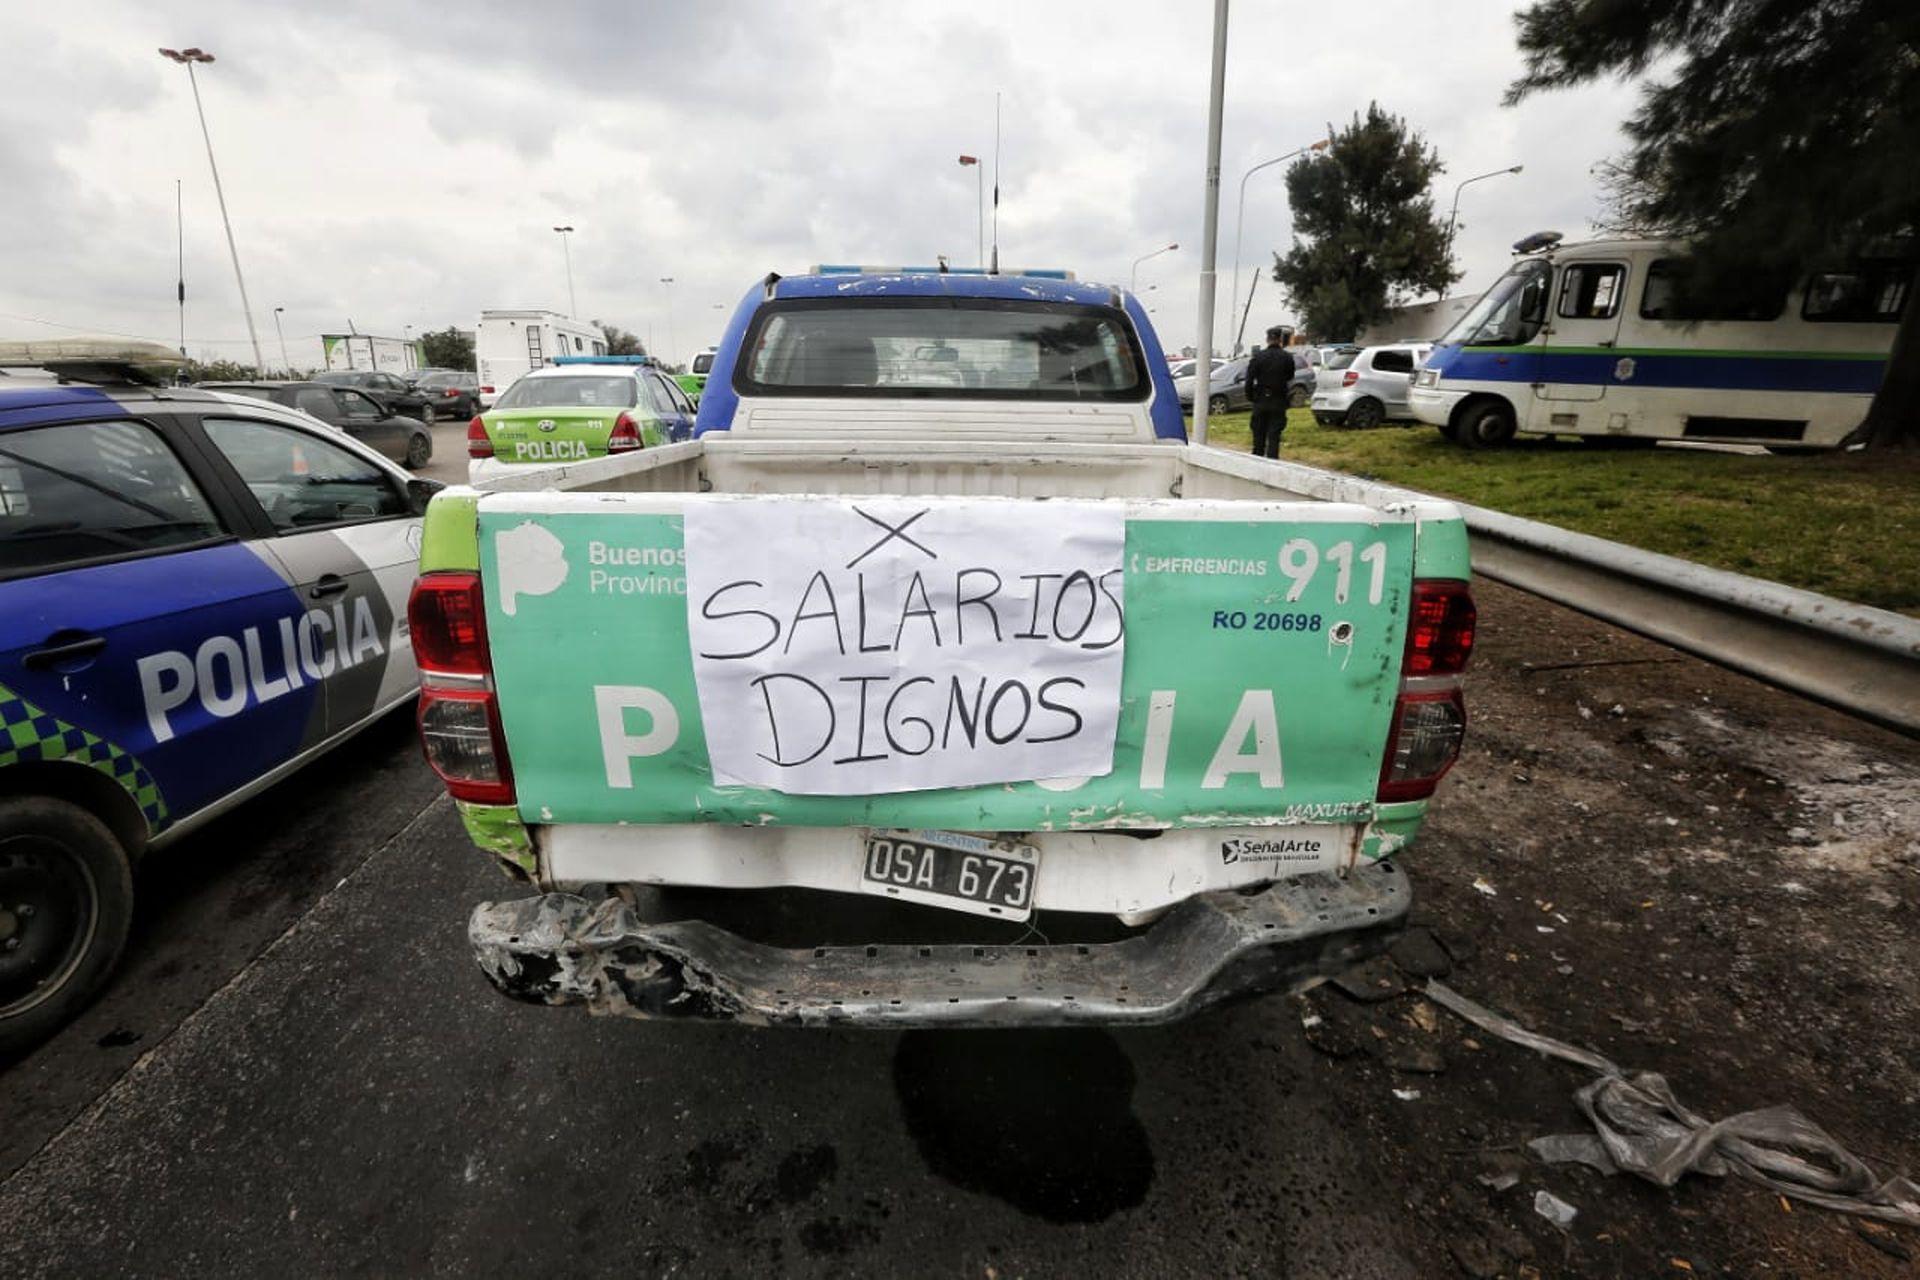 Patrulleros con pancartas en el Puente 12, en La Matanza